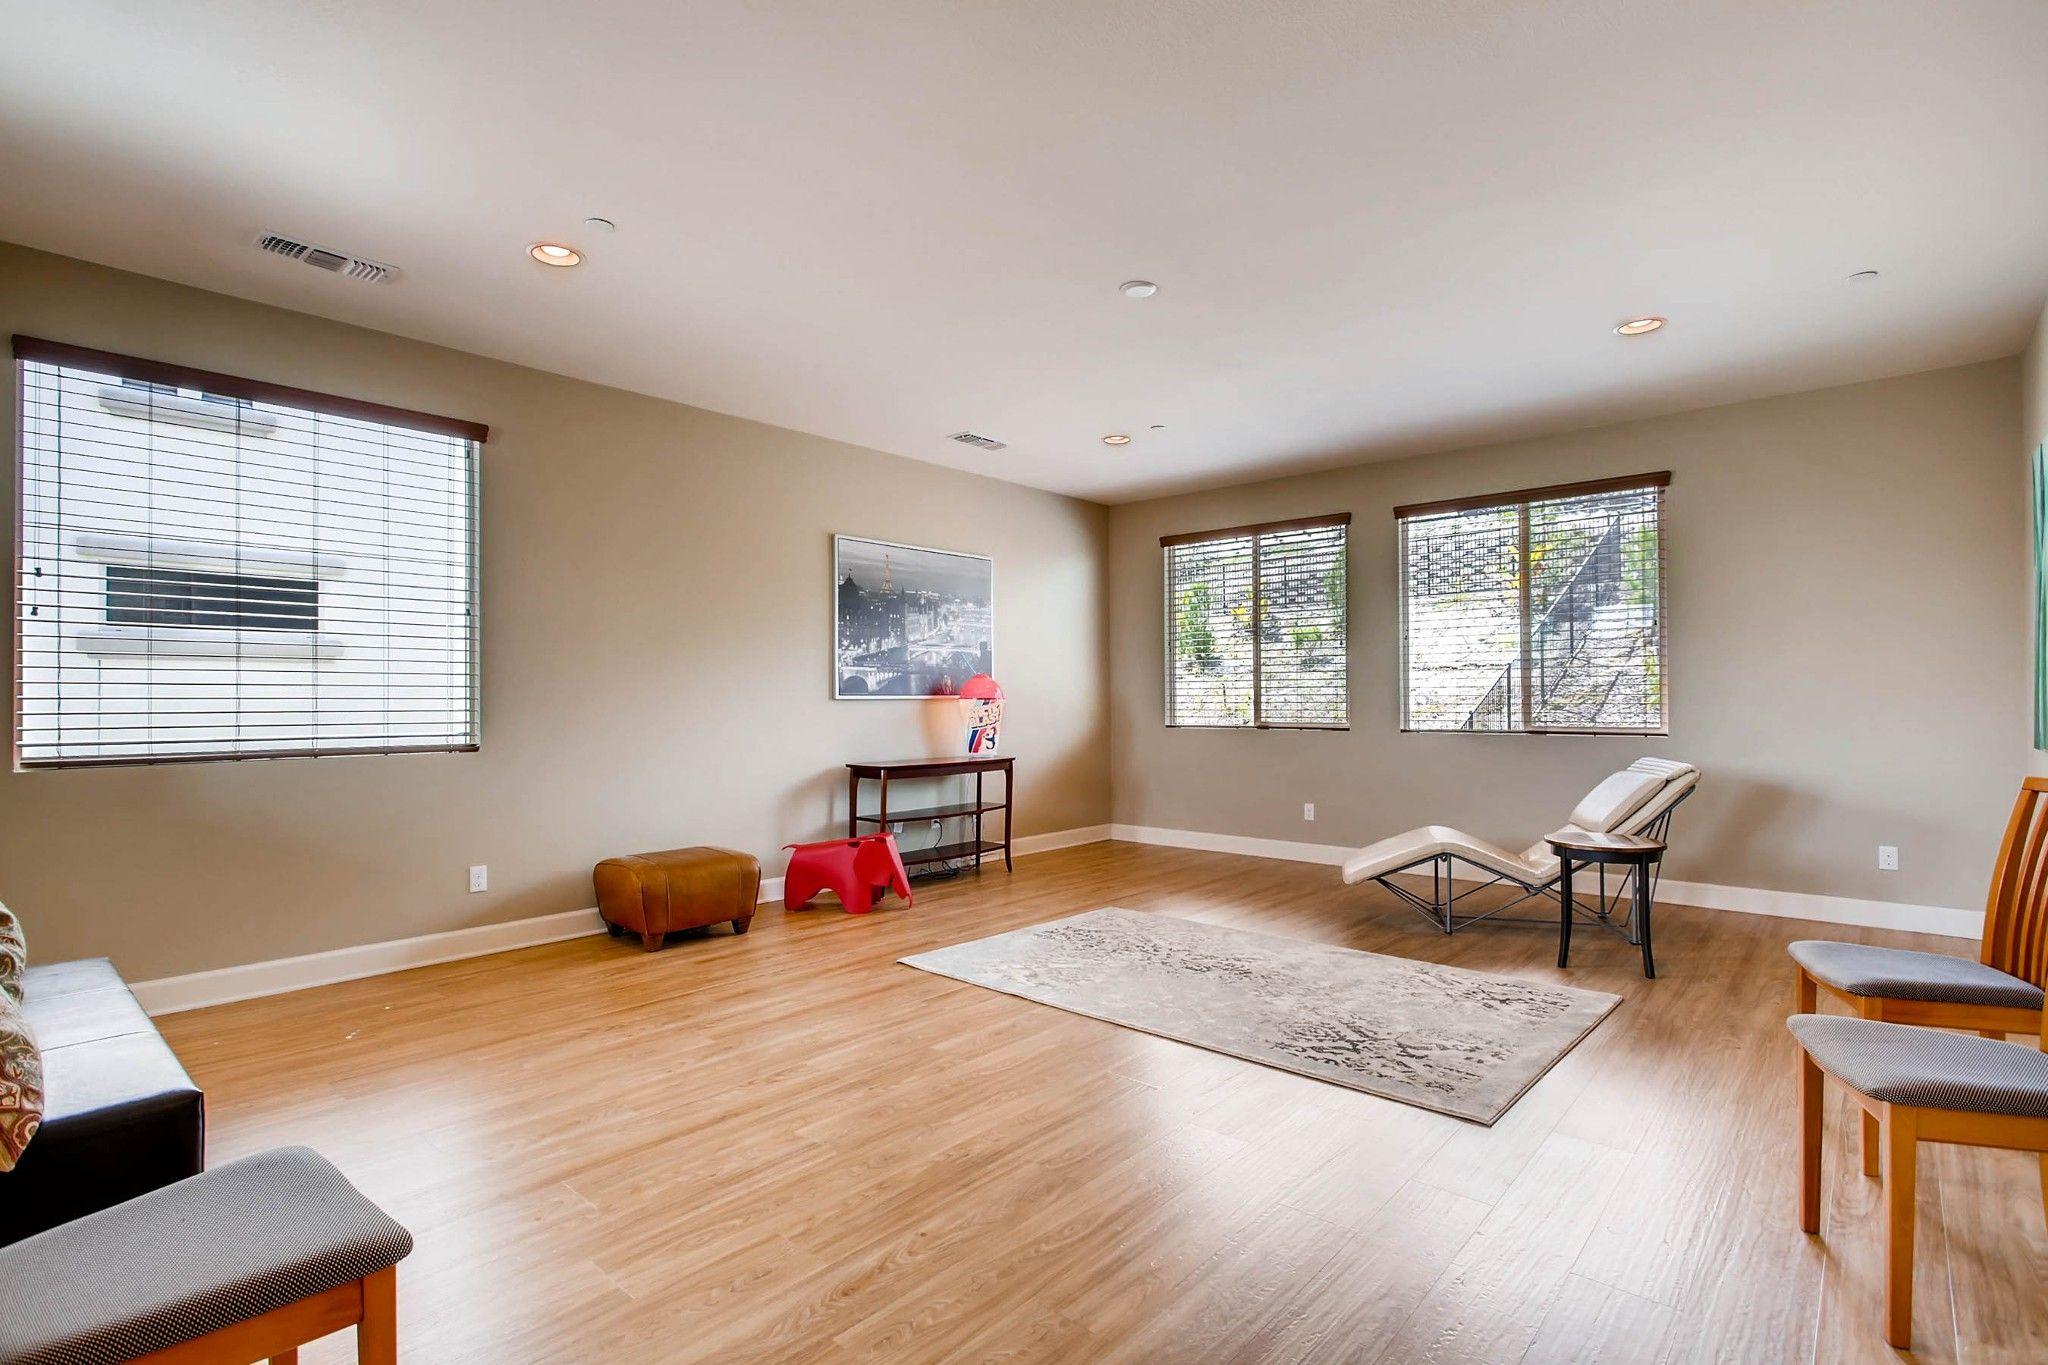 Photo 21: Photos: Residential for sale : 5 bedrooms : 443 Machado Way in Vista